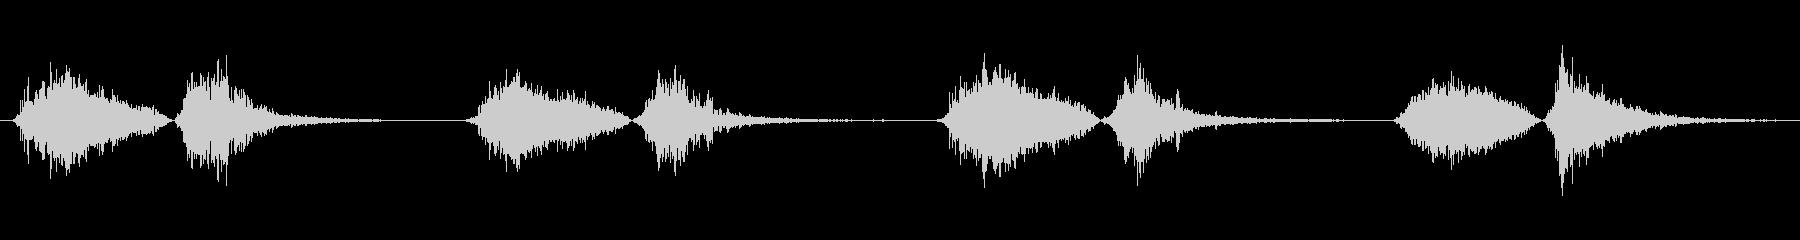 モンスター いびきブレス02の未再生の波形